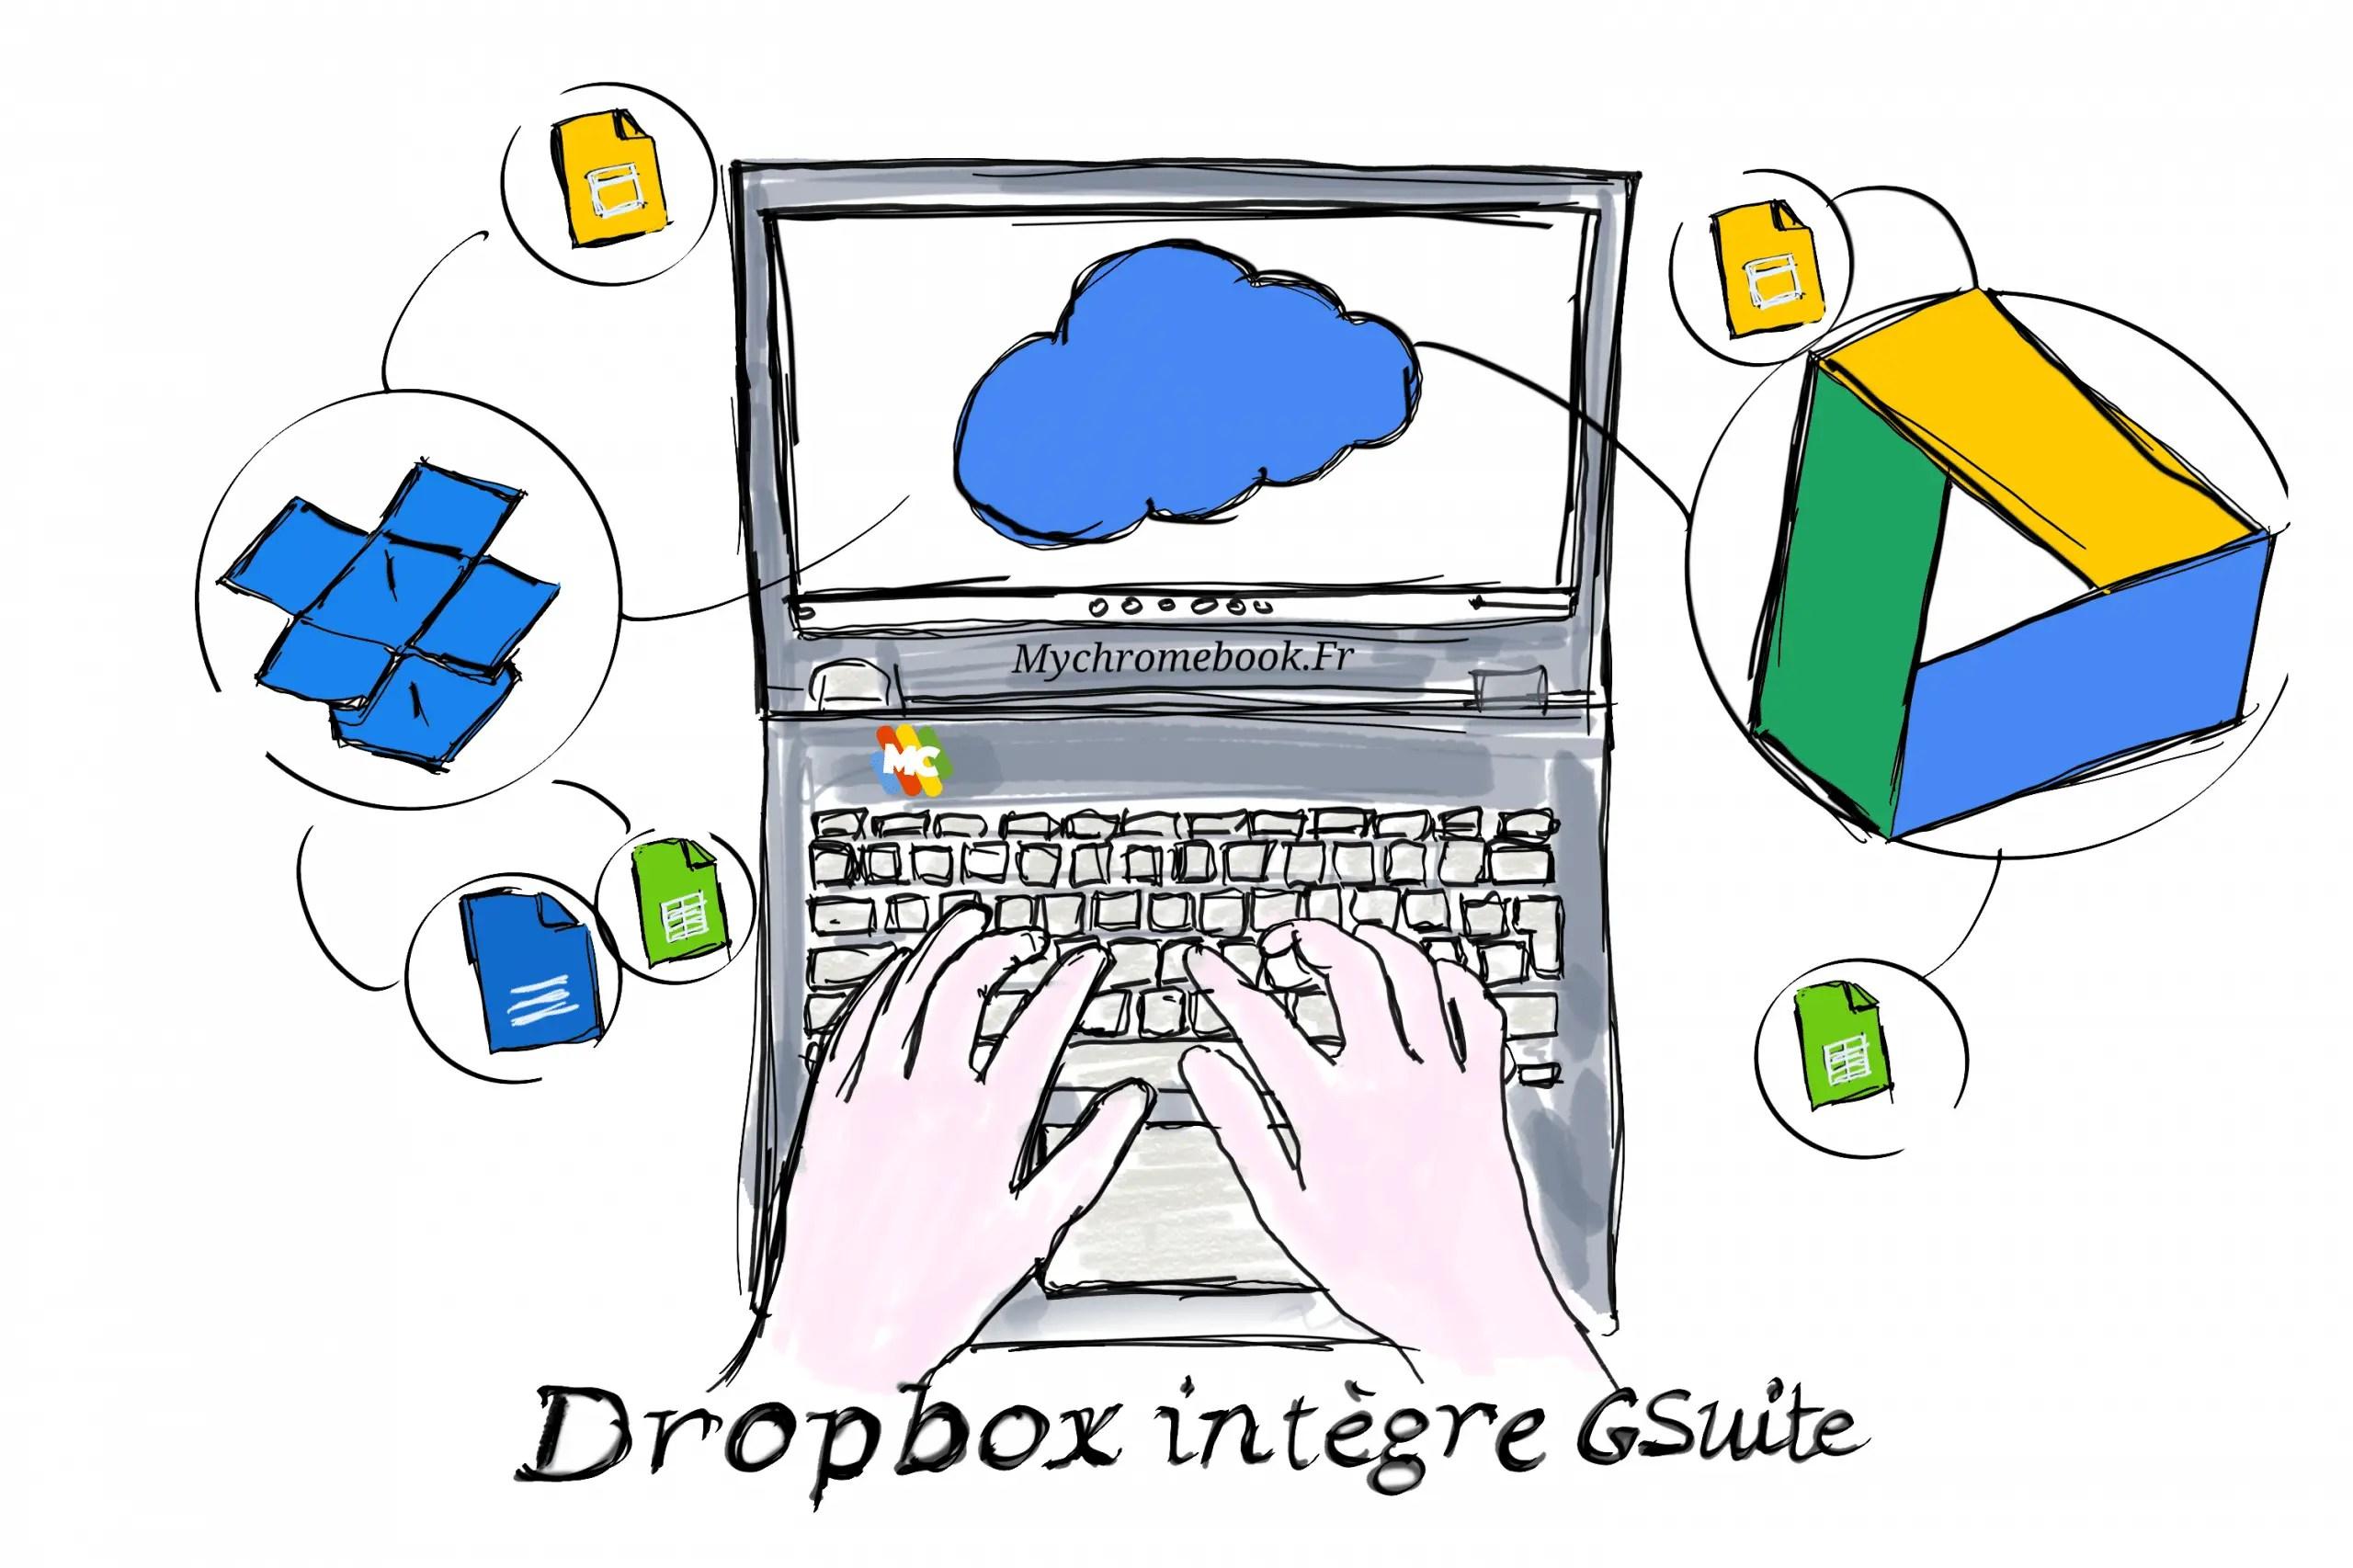 Dropbox ajout Gsuite à son service Cloud